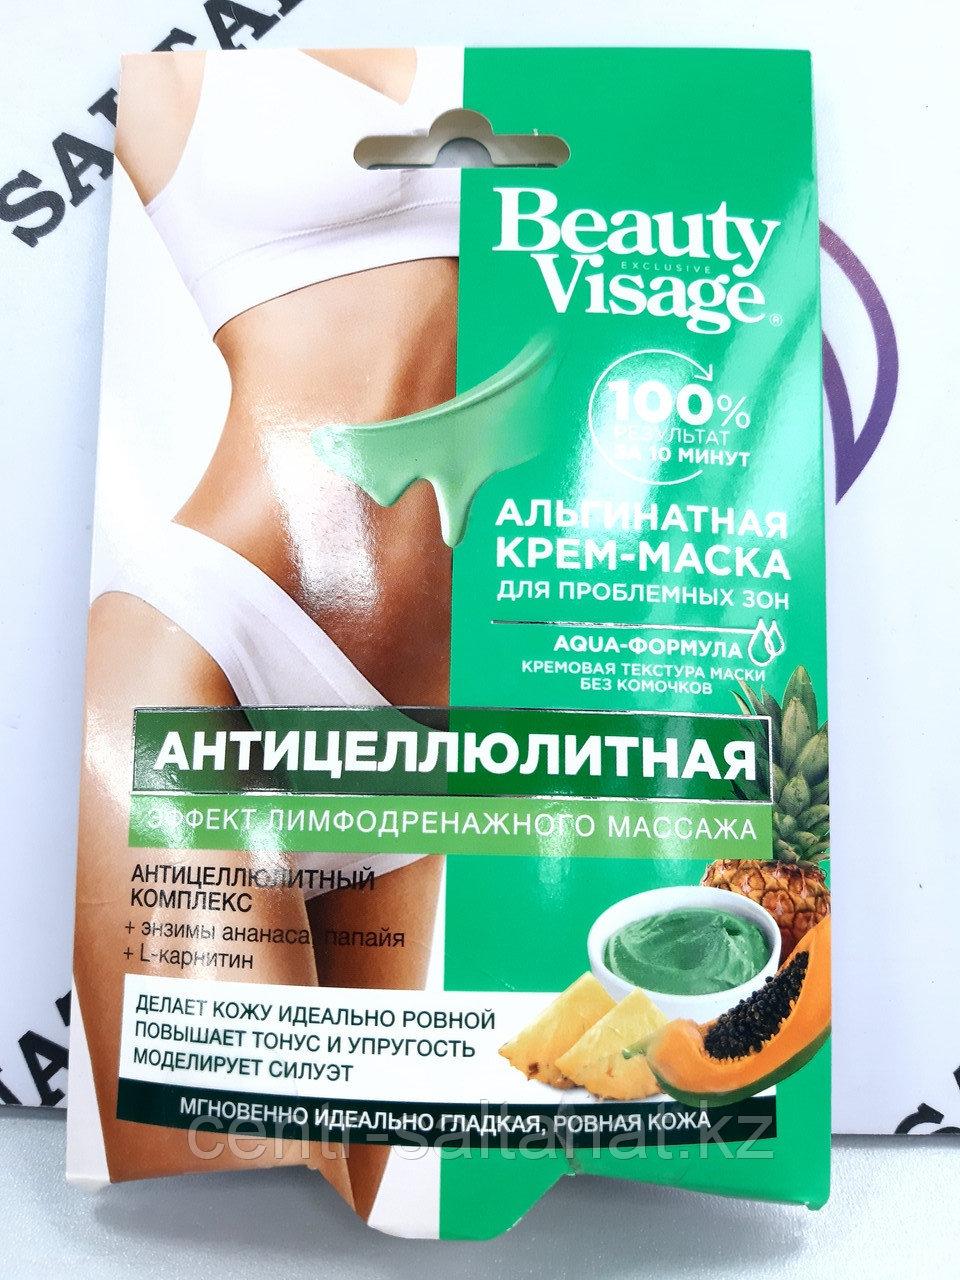 Альгинатная крем маска для тела антицеллюлитная 70 мл